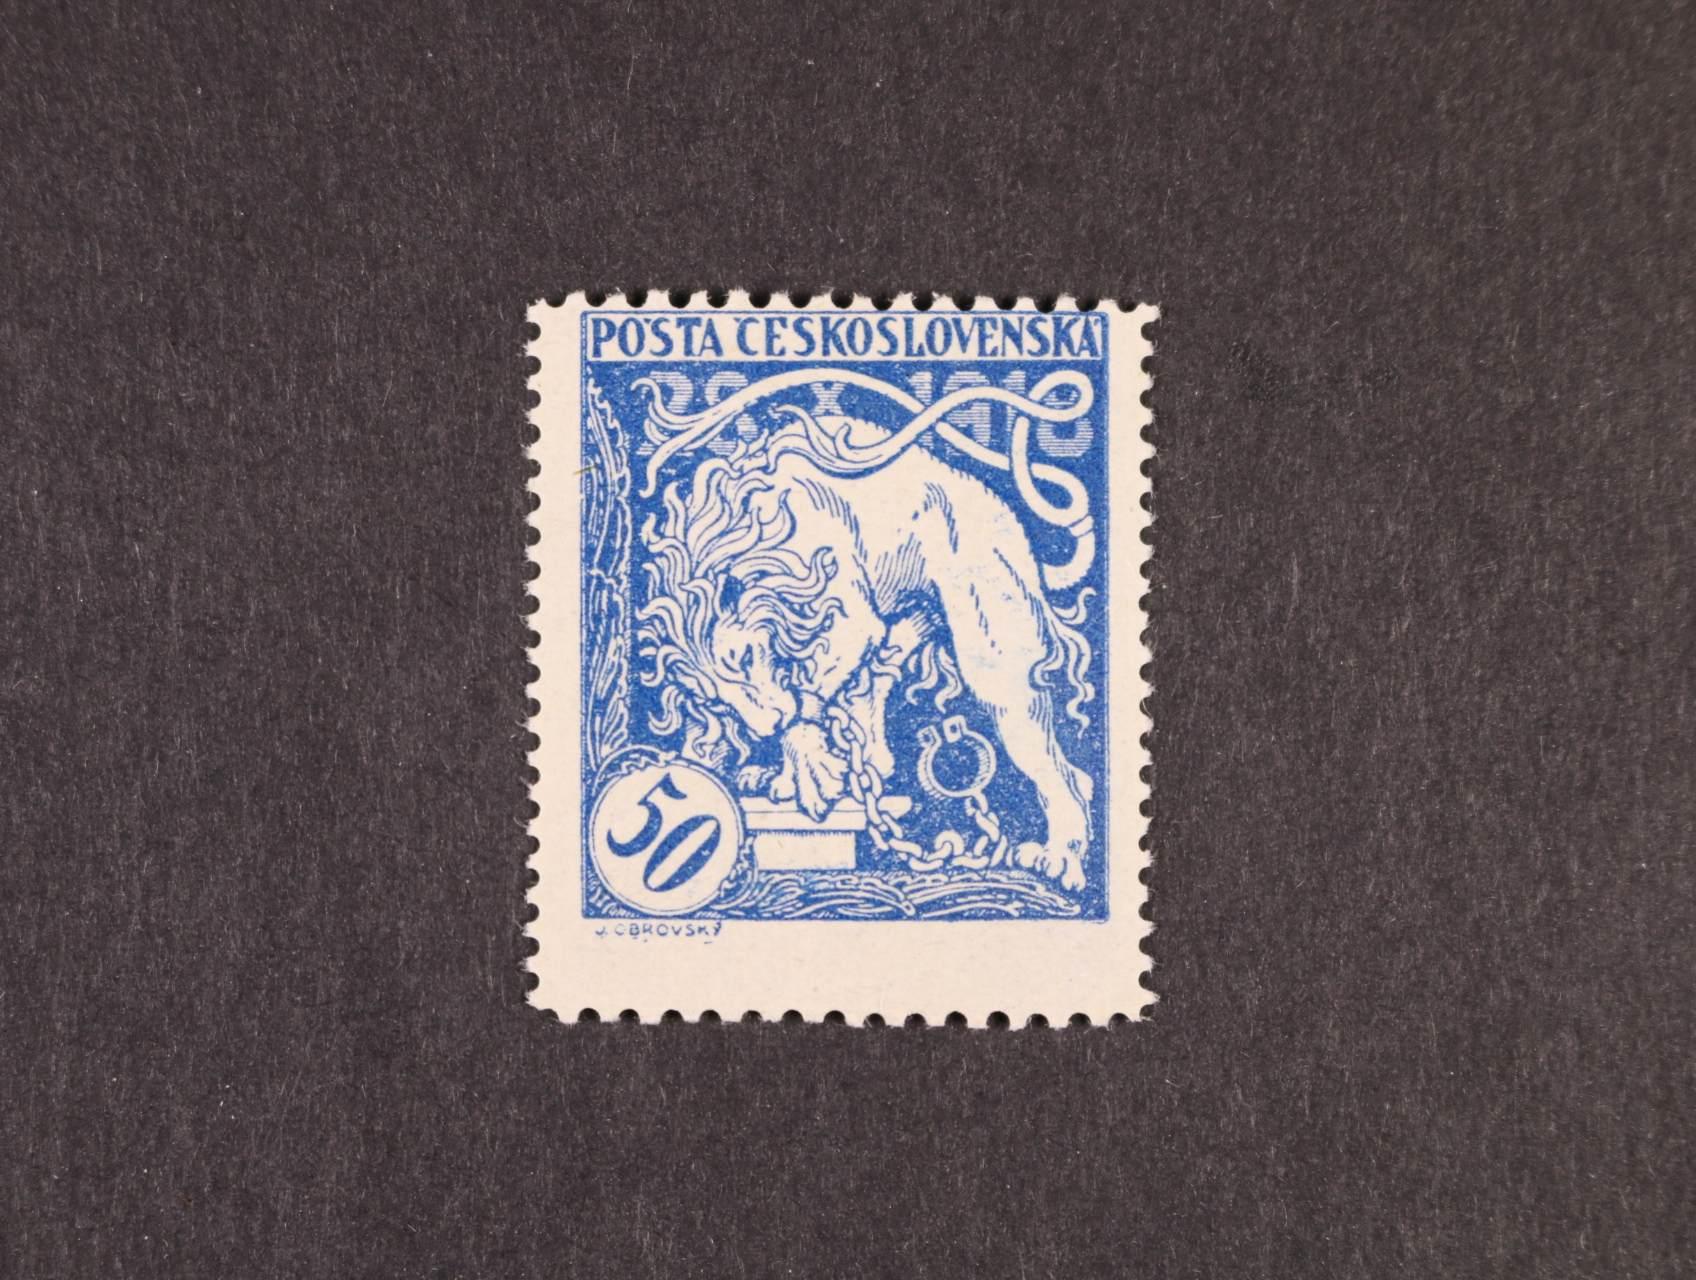 zn. č. 29 B, zk. Beneš, decentrovaná, kat. cena 1800 Kč